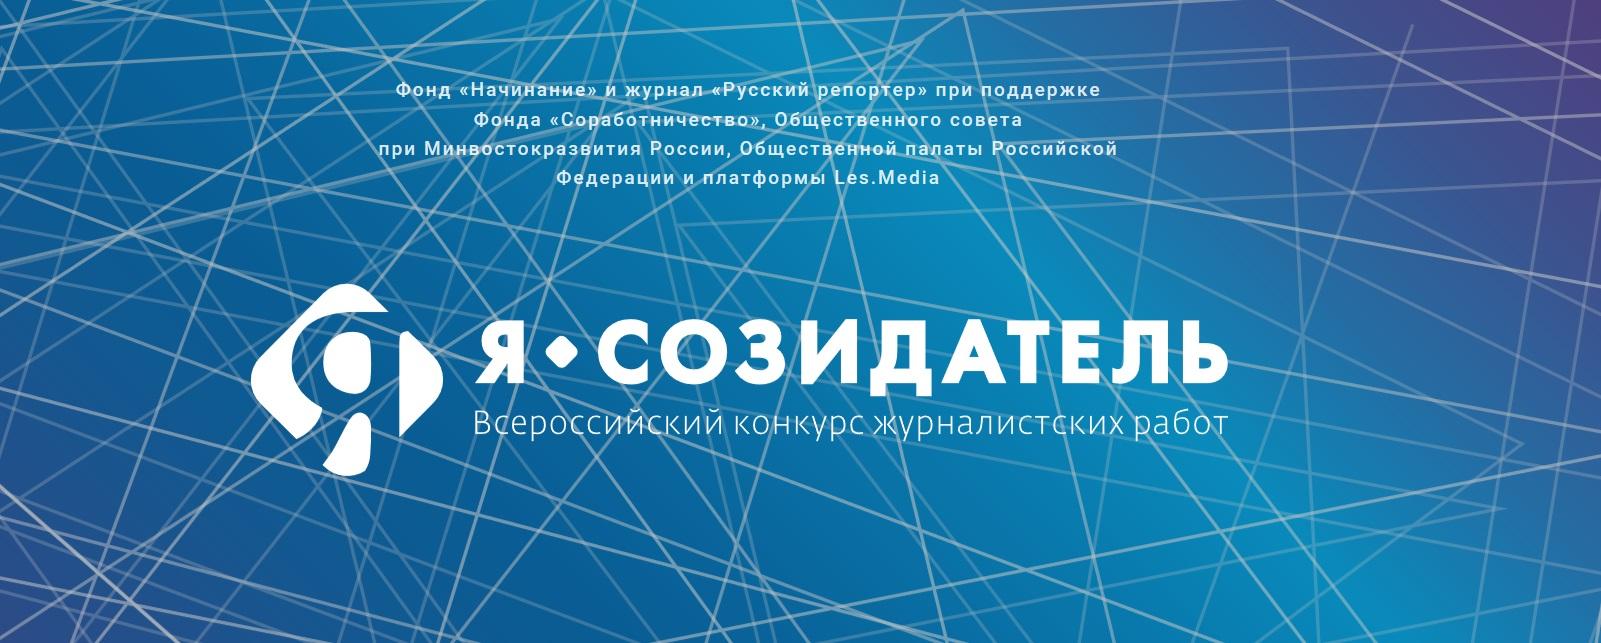 Журналистов Тверской области приглашают на конкурс  «Я – Созидатель»